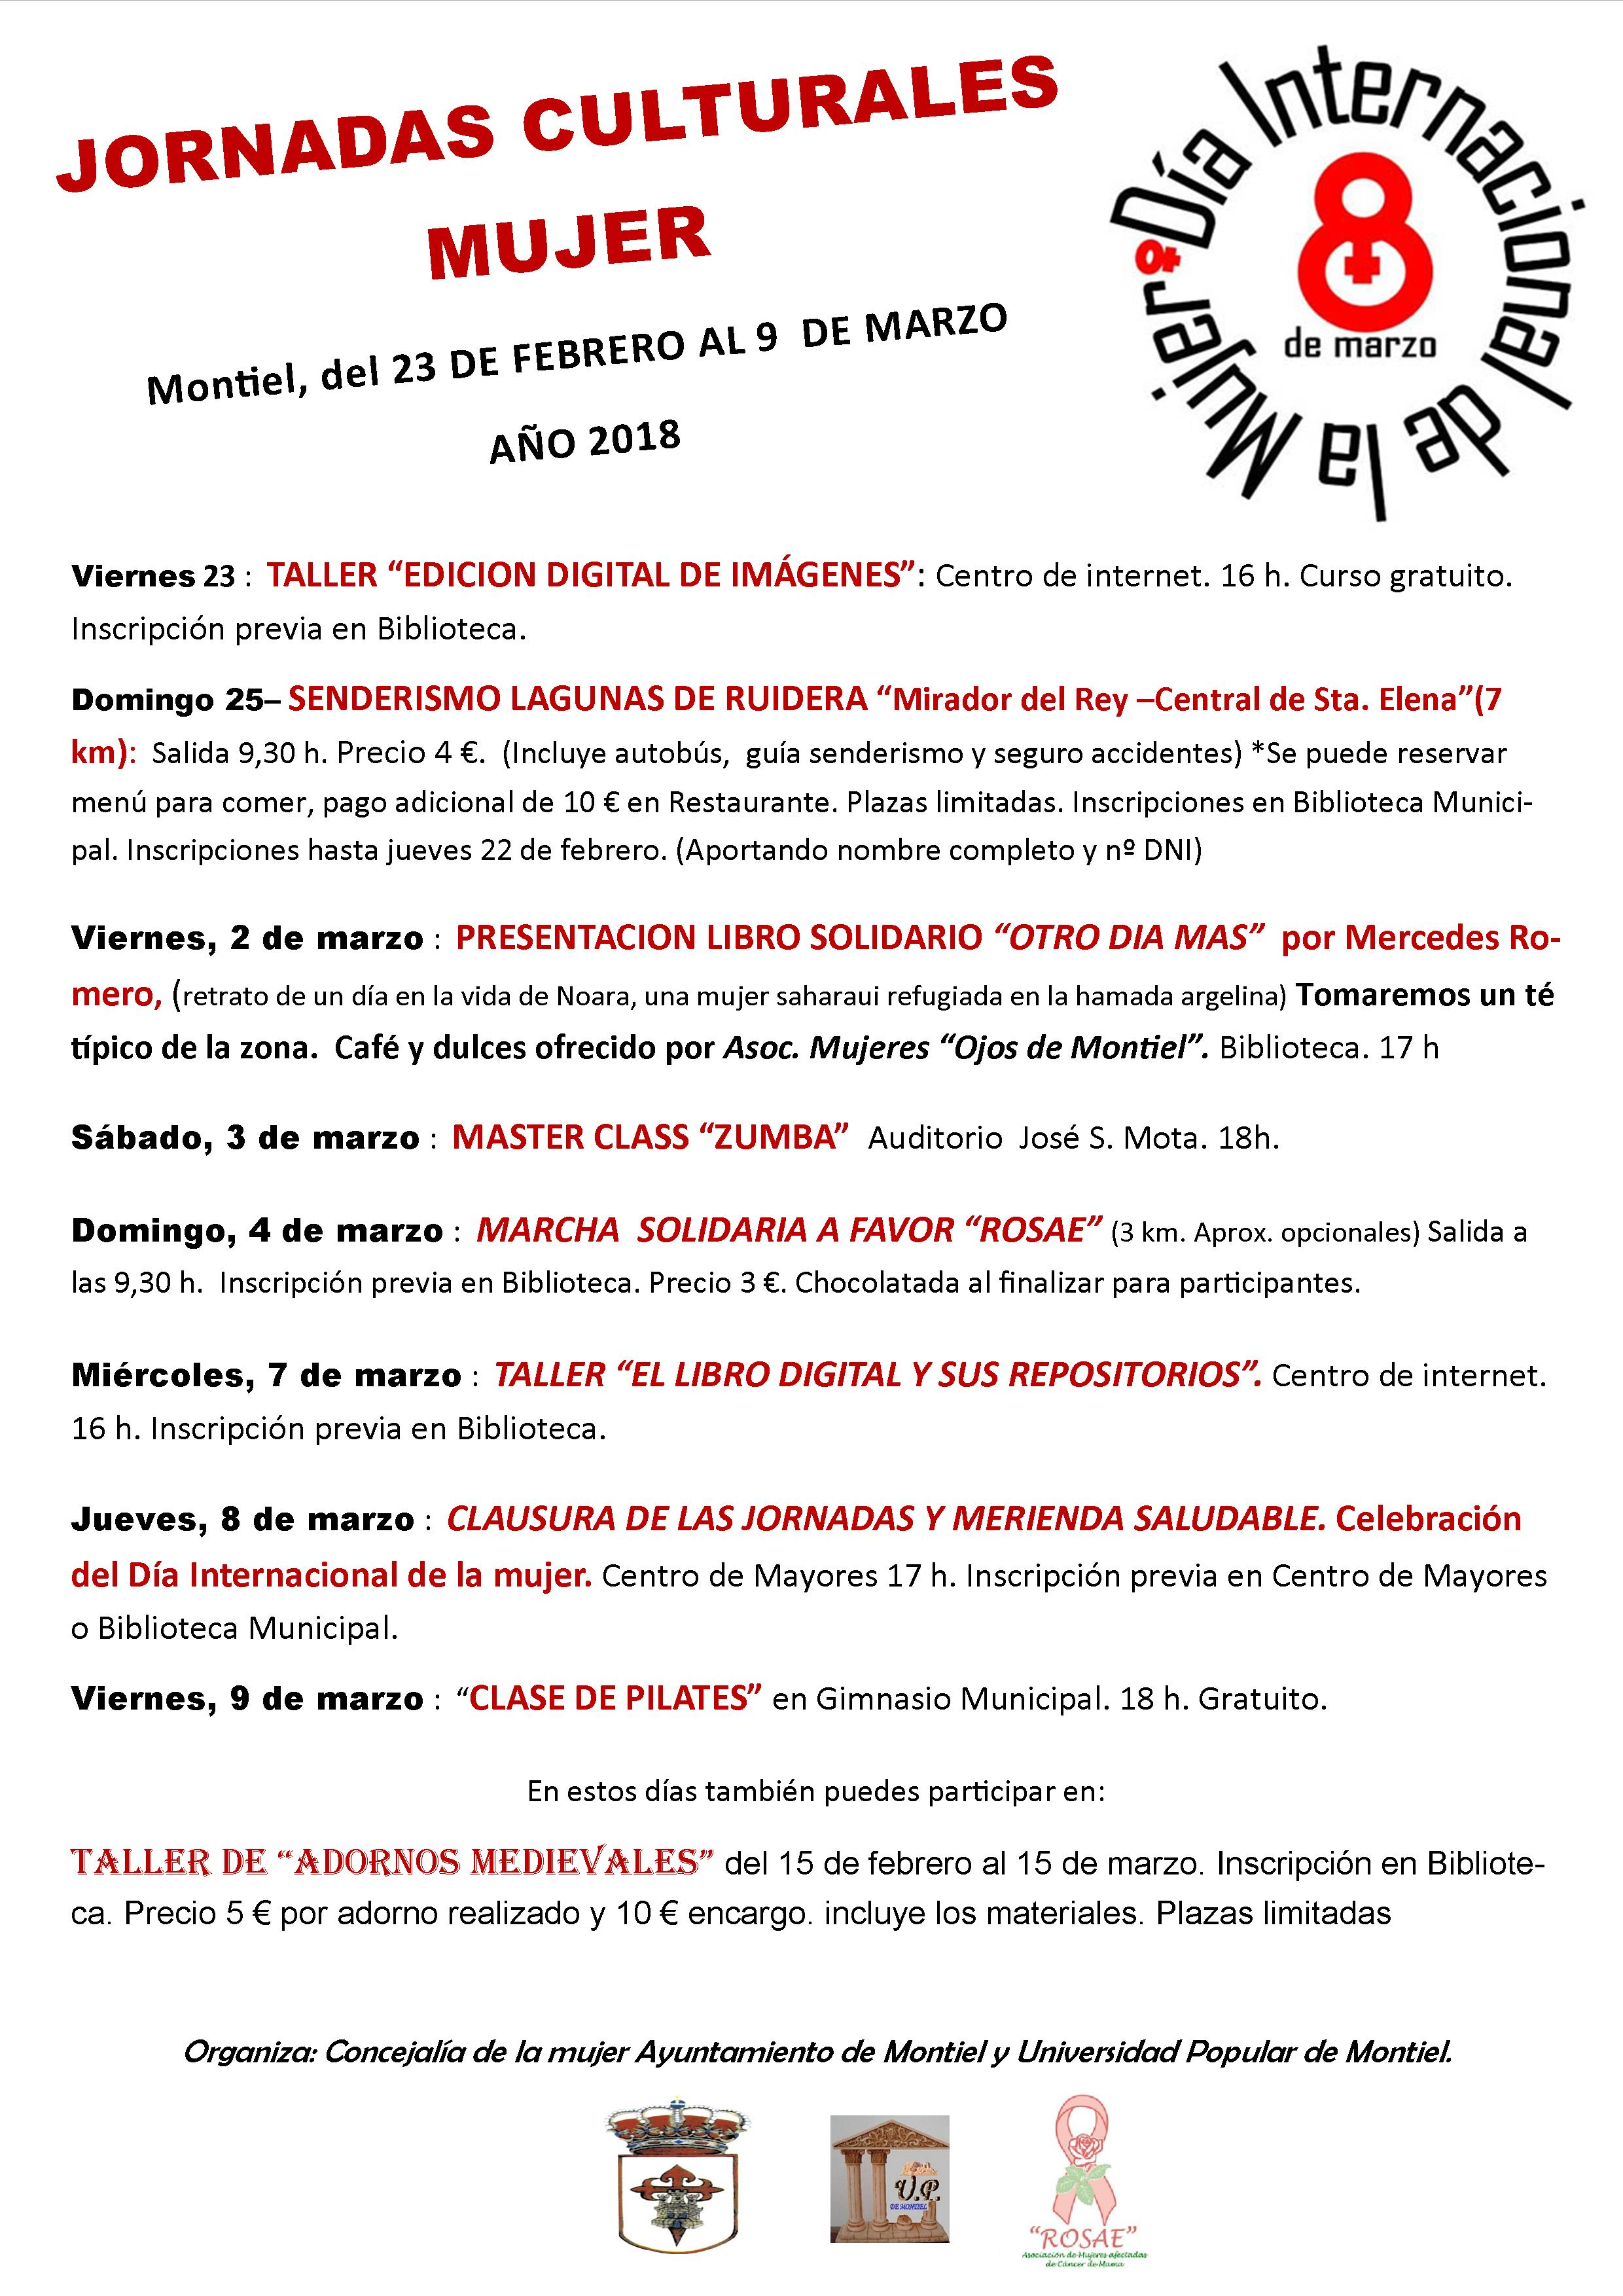 Index Of Archivos Montiel # Muebles Badillo Montiel